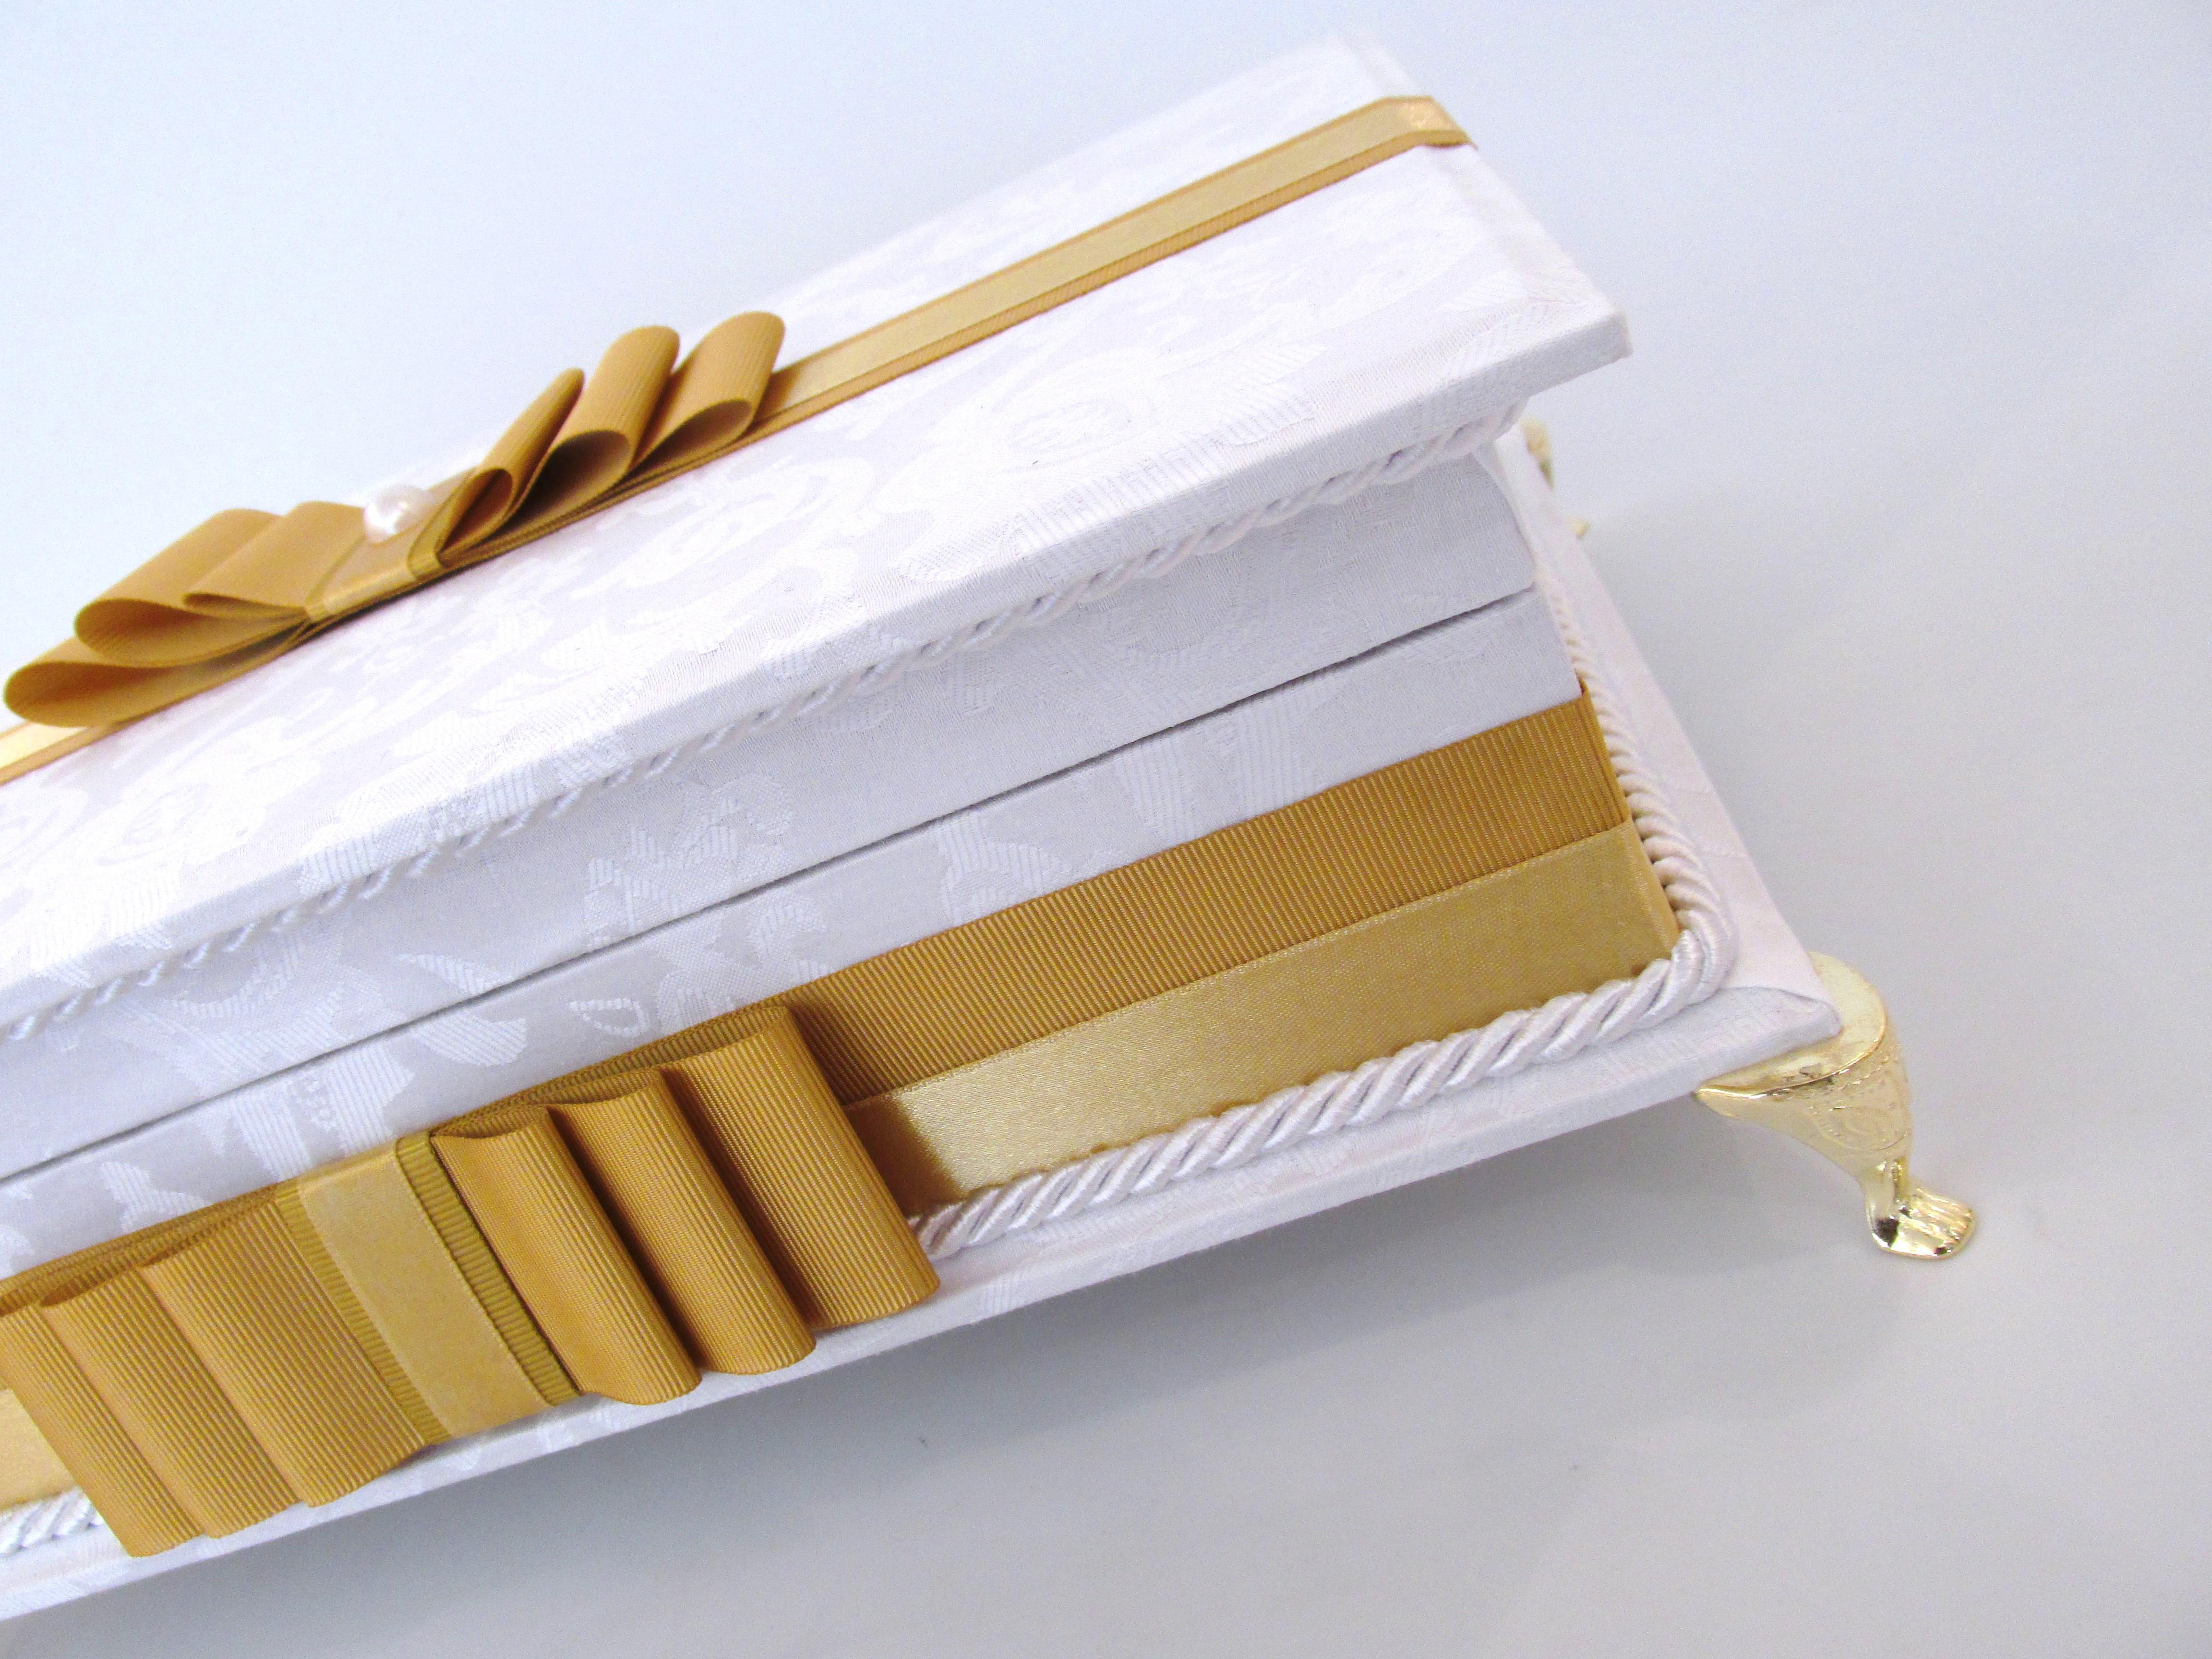 #724018 caixa kit banheiro para casamento casamento caixa kit banheiro para  4608x3456 px kit de banheiro hidrolar